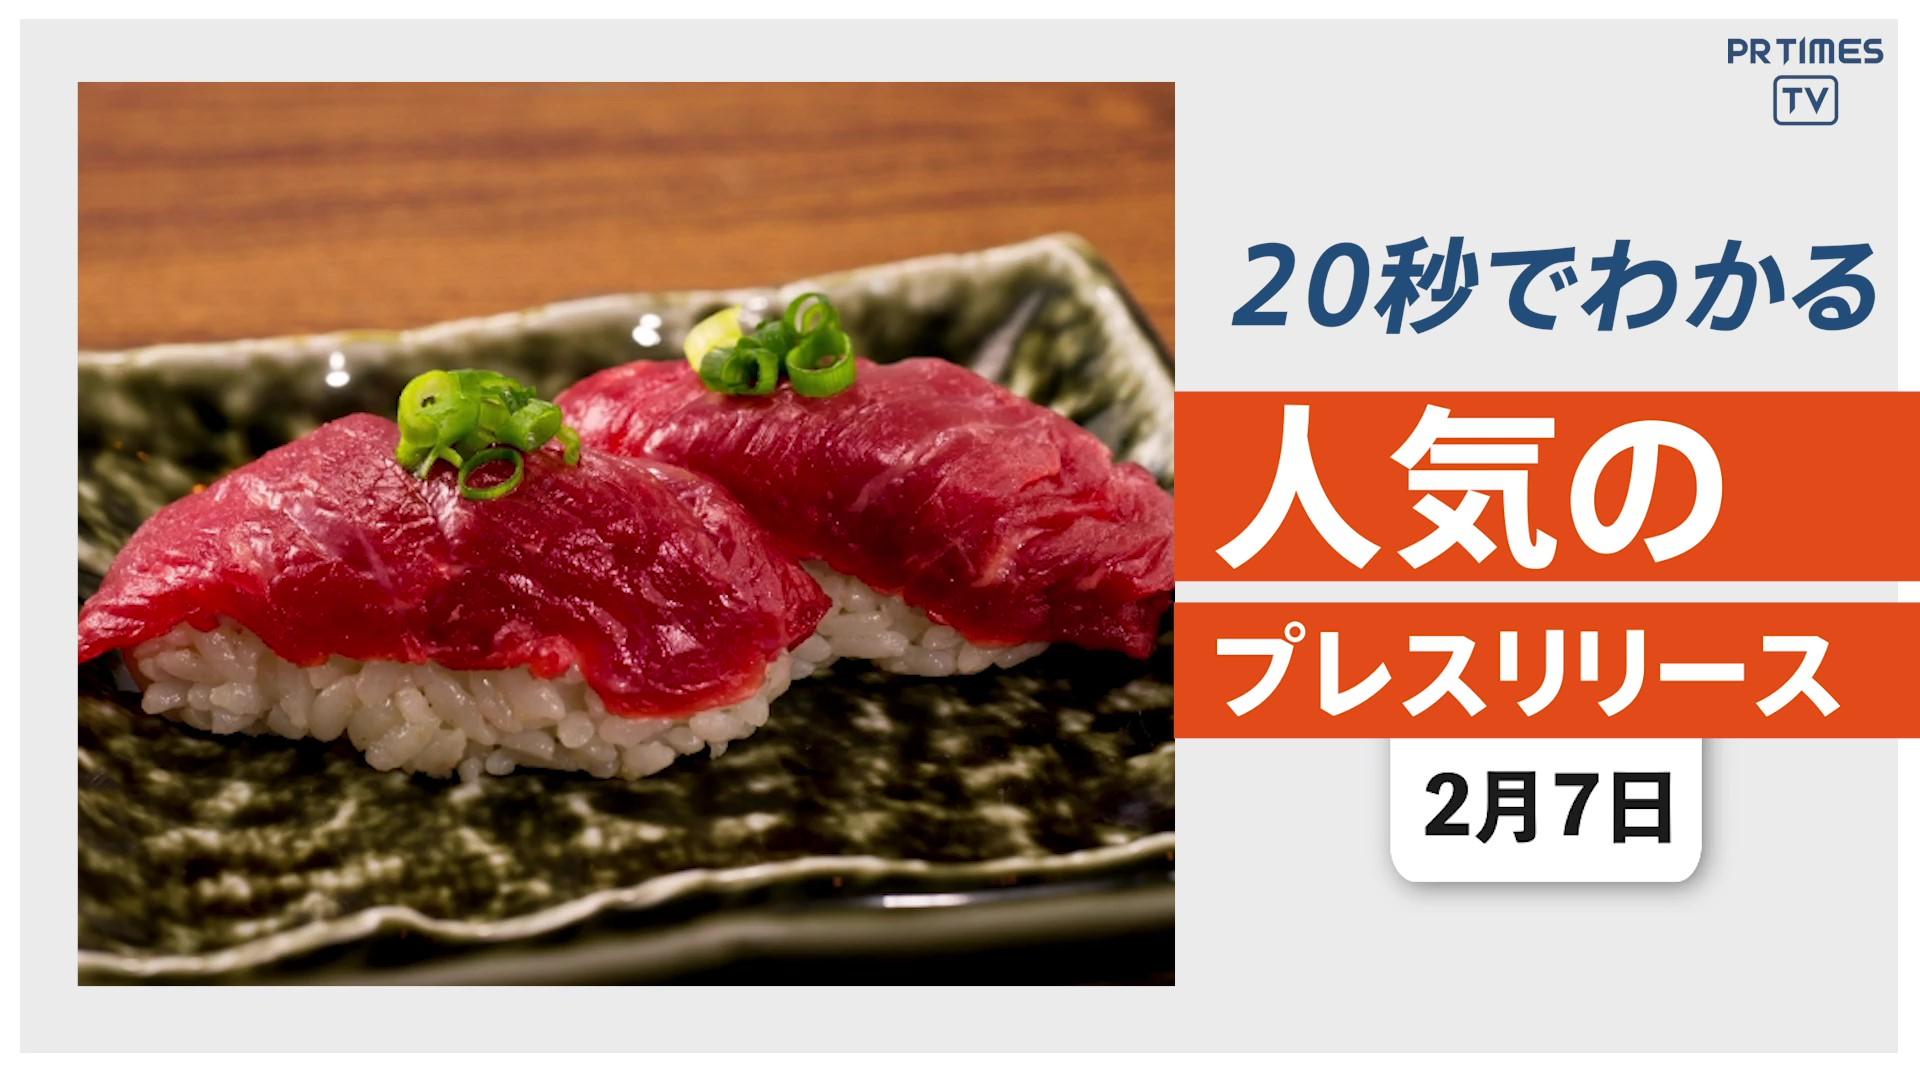 【『川崎肉寿司』オープン 記念キャンペーンを実施】他、新着トレンド2月7日